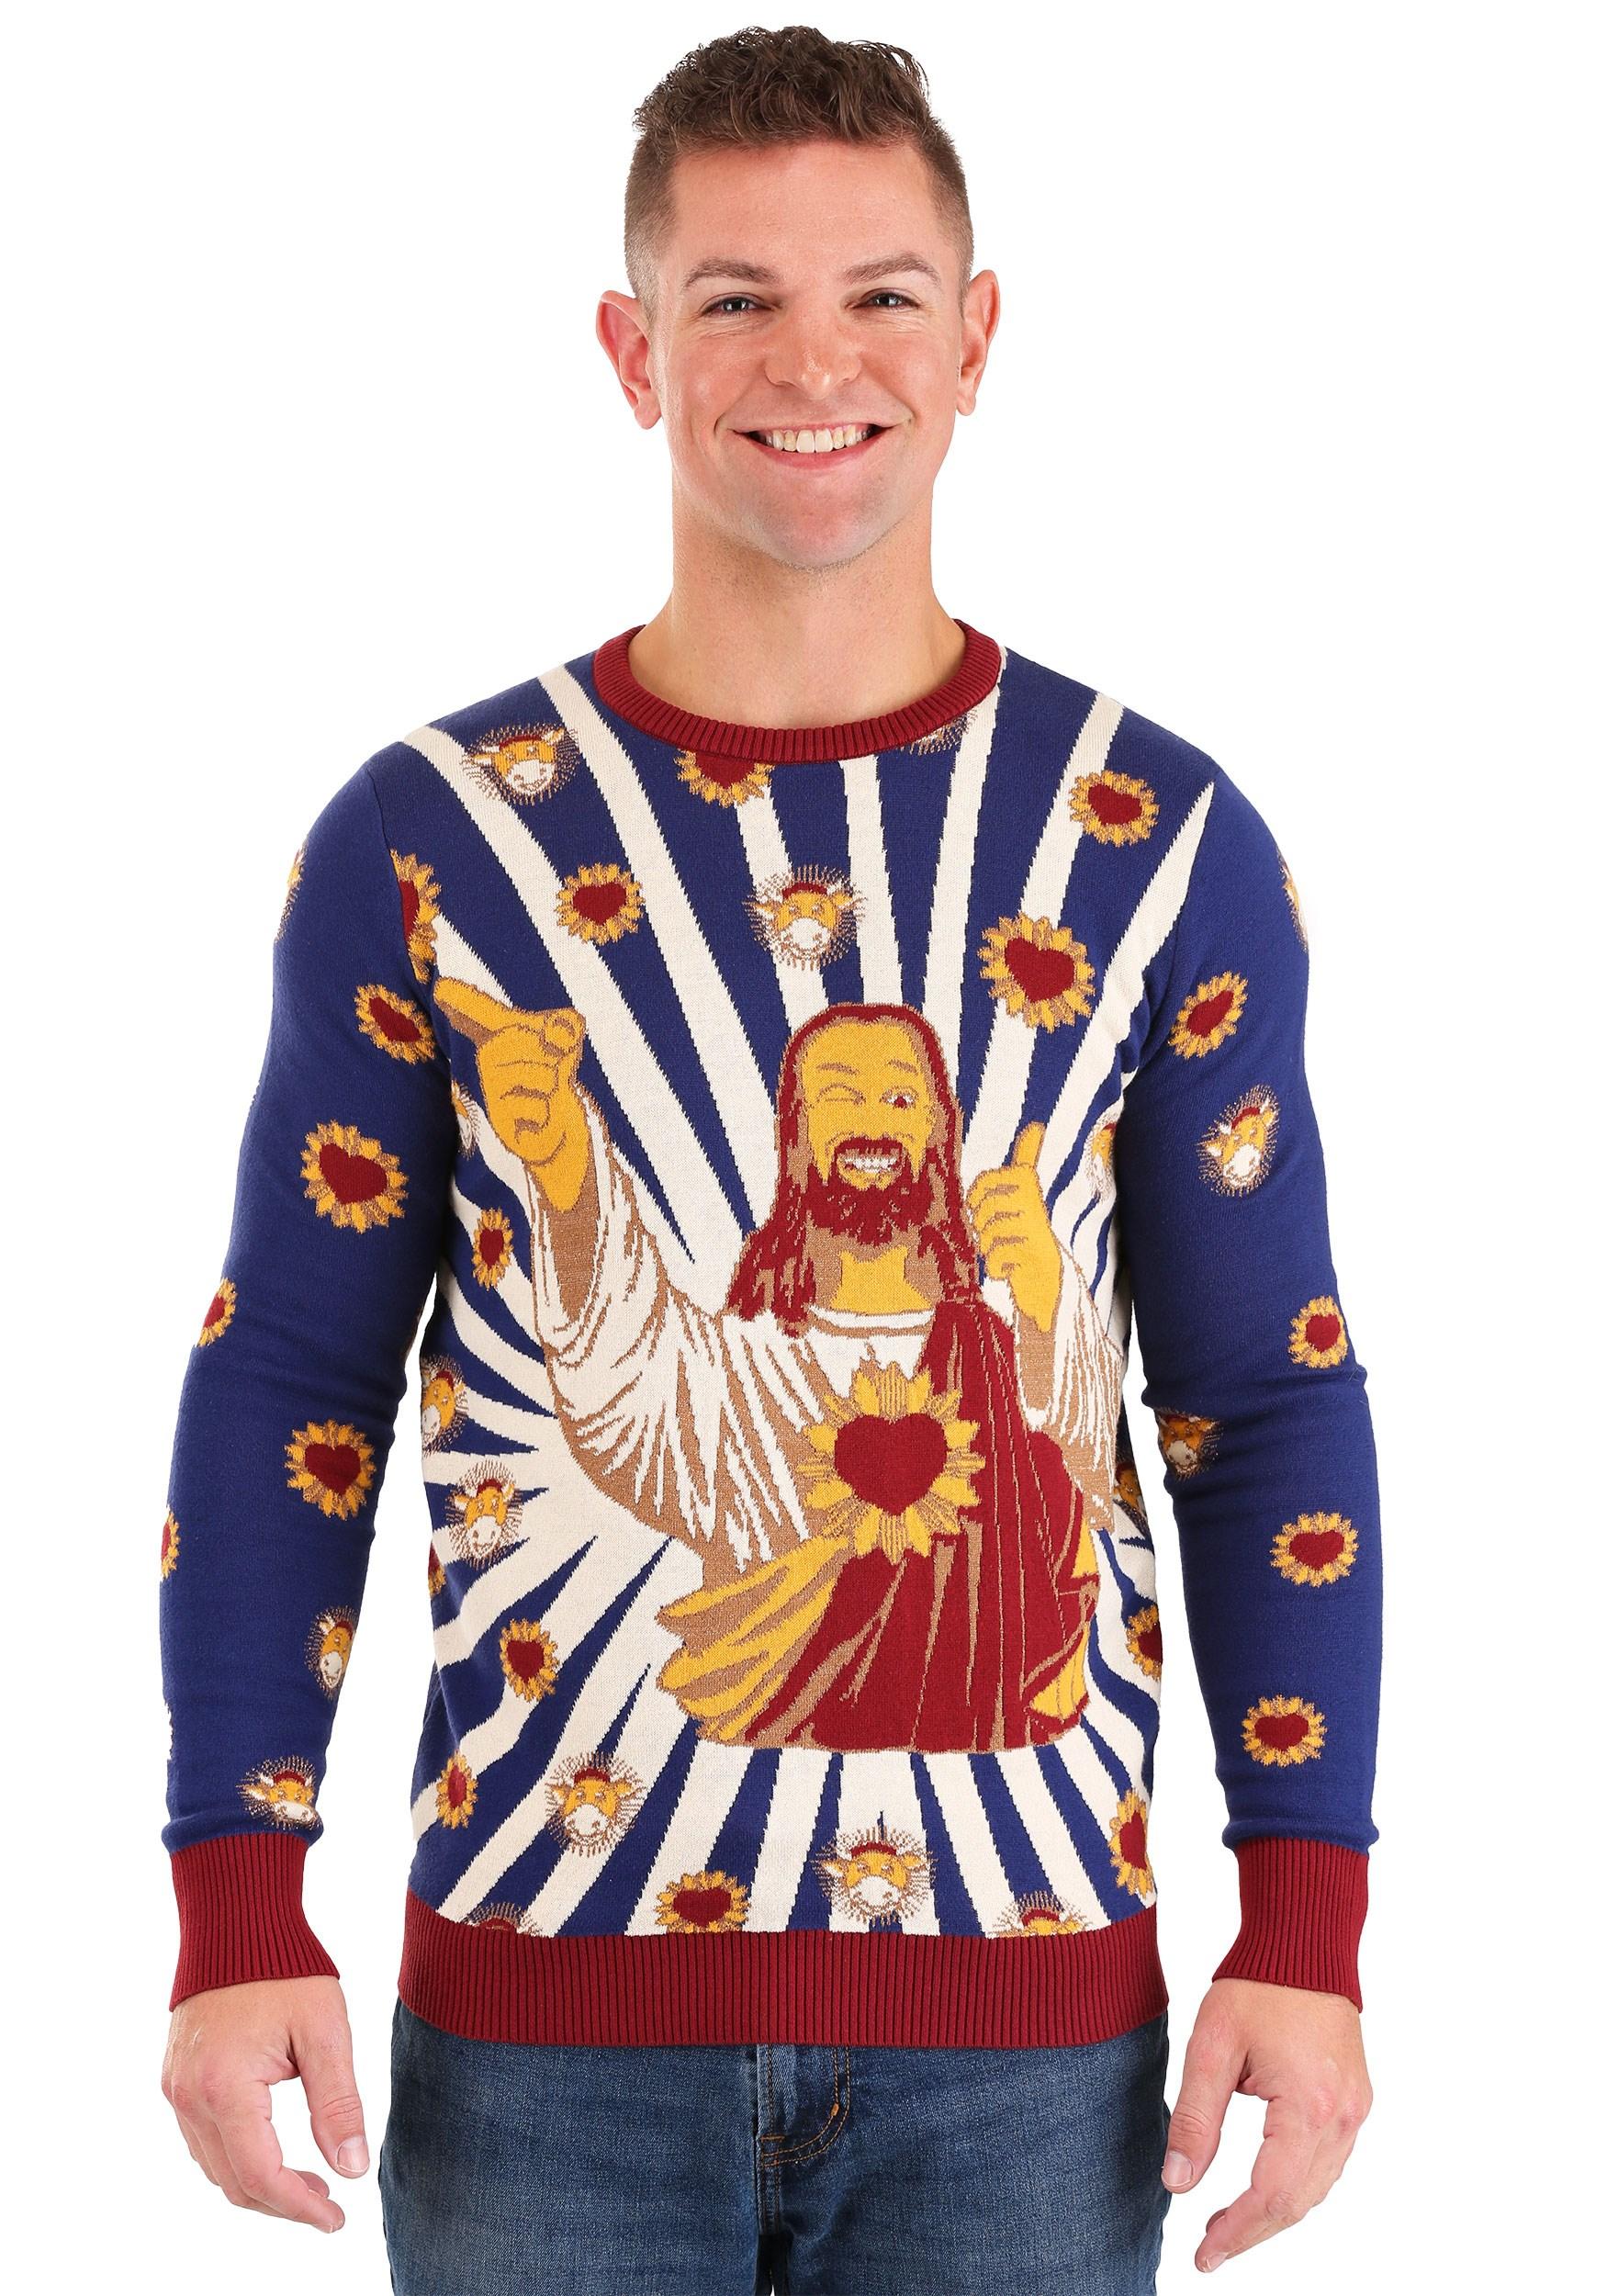 Jay and Silent Bob Buddy Christ Ugly Christmas Sweater